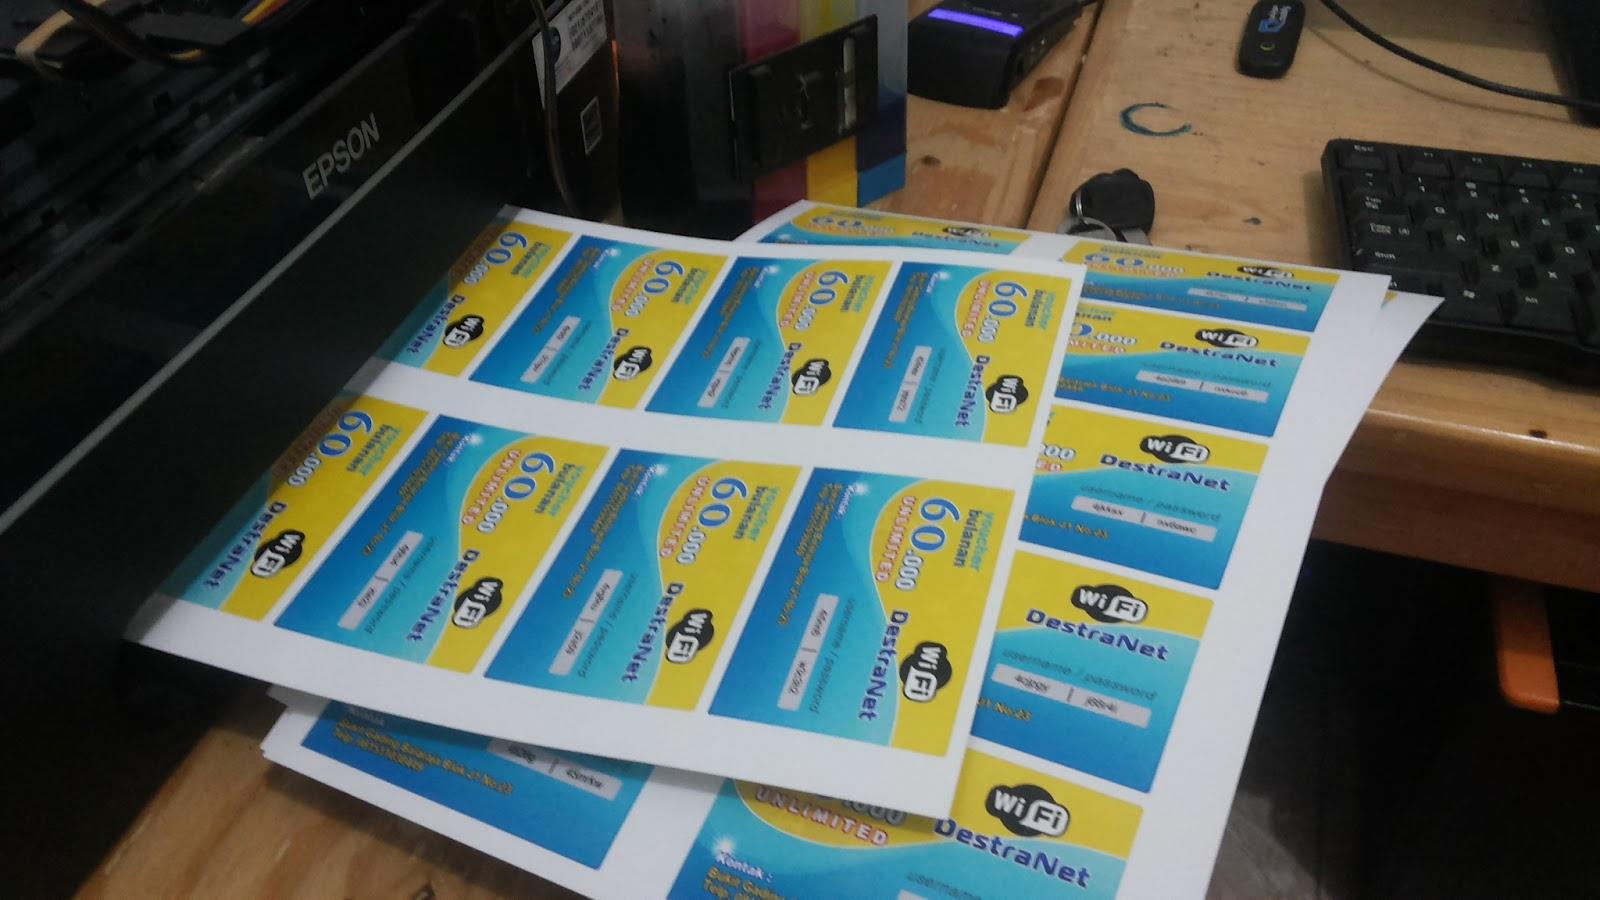 Printer Yang Cocok Untuk Usaha Percetakan, foto ,undangan ,digital ,rumahan ,sampingan ,Kecil ,kartu nama ,sticker ,printer untuk percetakan undangan, printer untuk percetakan buku, rekomendasi printer untuk percetakan, printer untuk cetak undangan full color, printer laser merk xerox c1110, printer laser a3 terbaik, printer terbaik buat cetak undangan, printer epson untuk usaha fotocopy